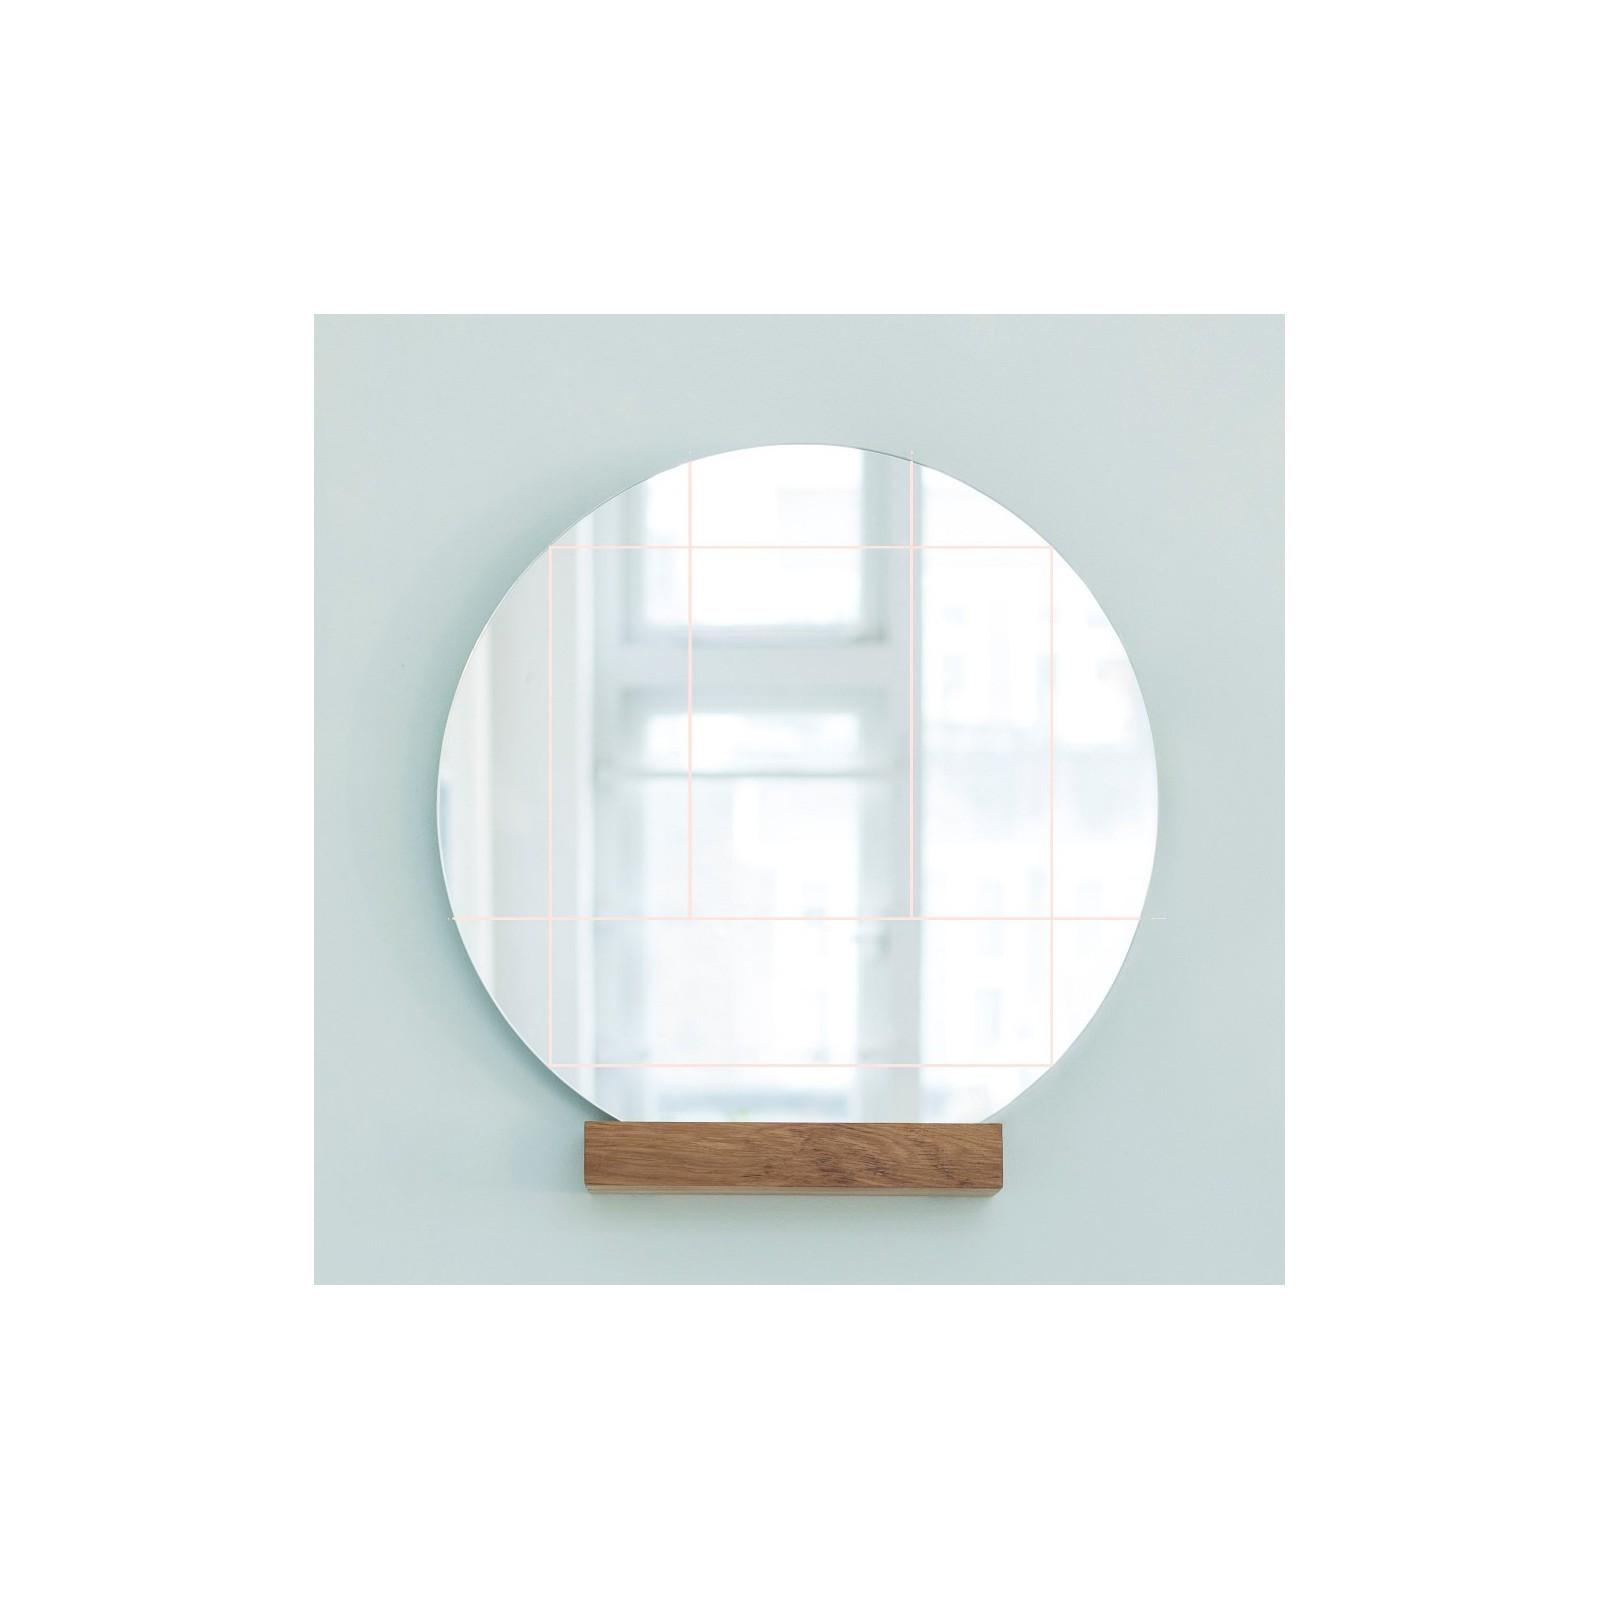 Miroir zen rose arne concept for Miroir concept beauport